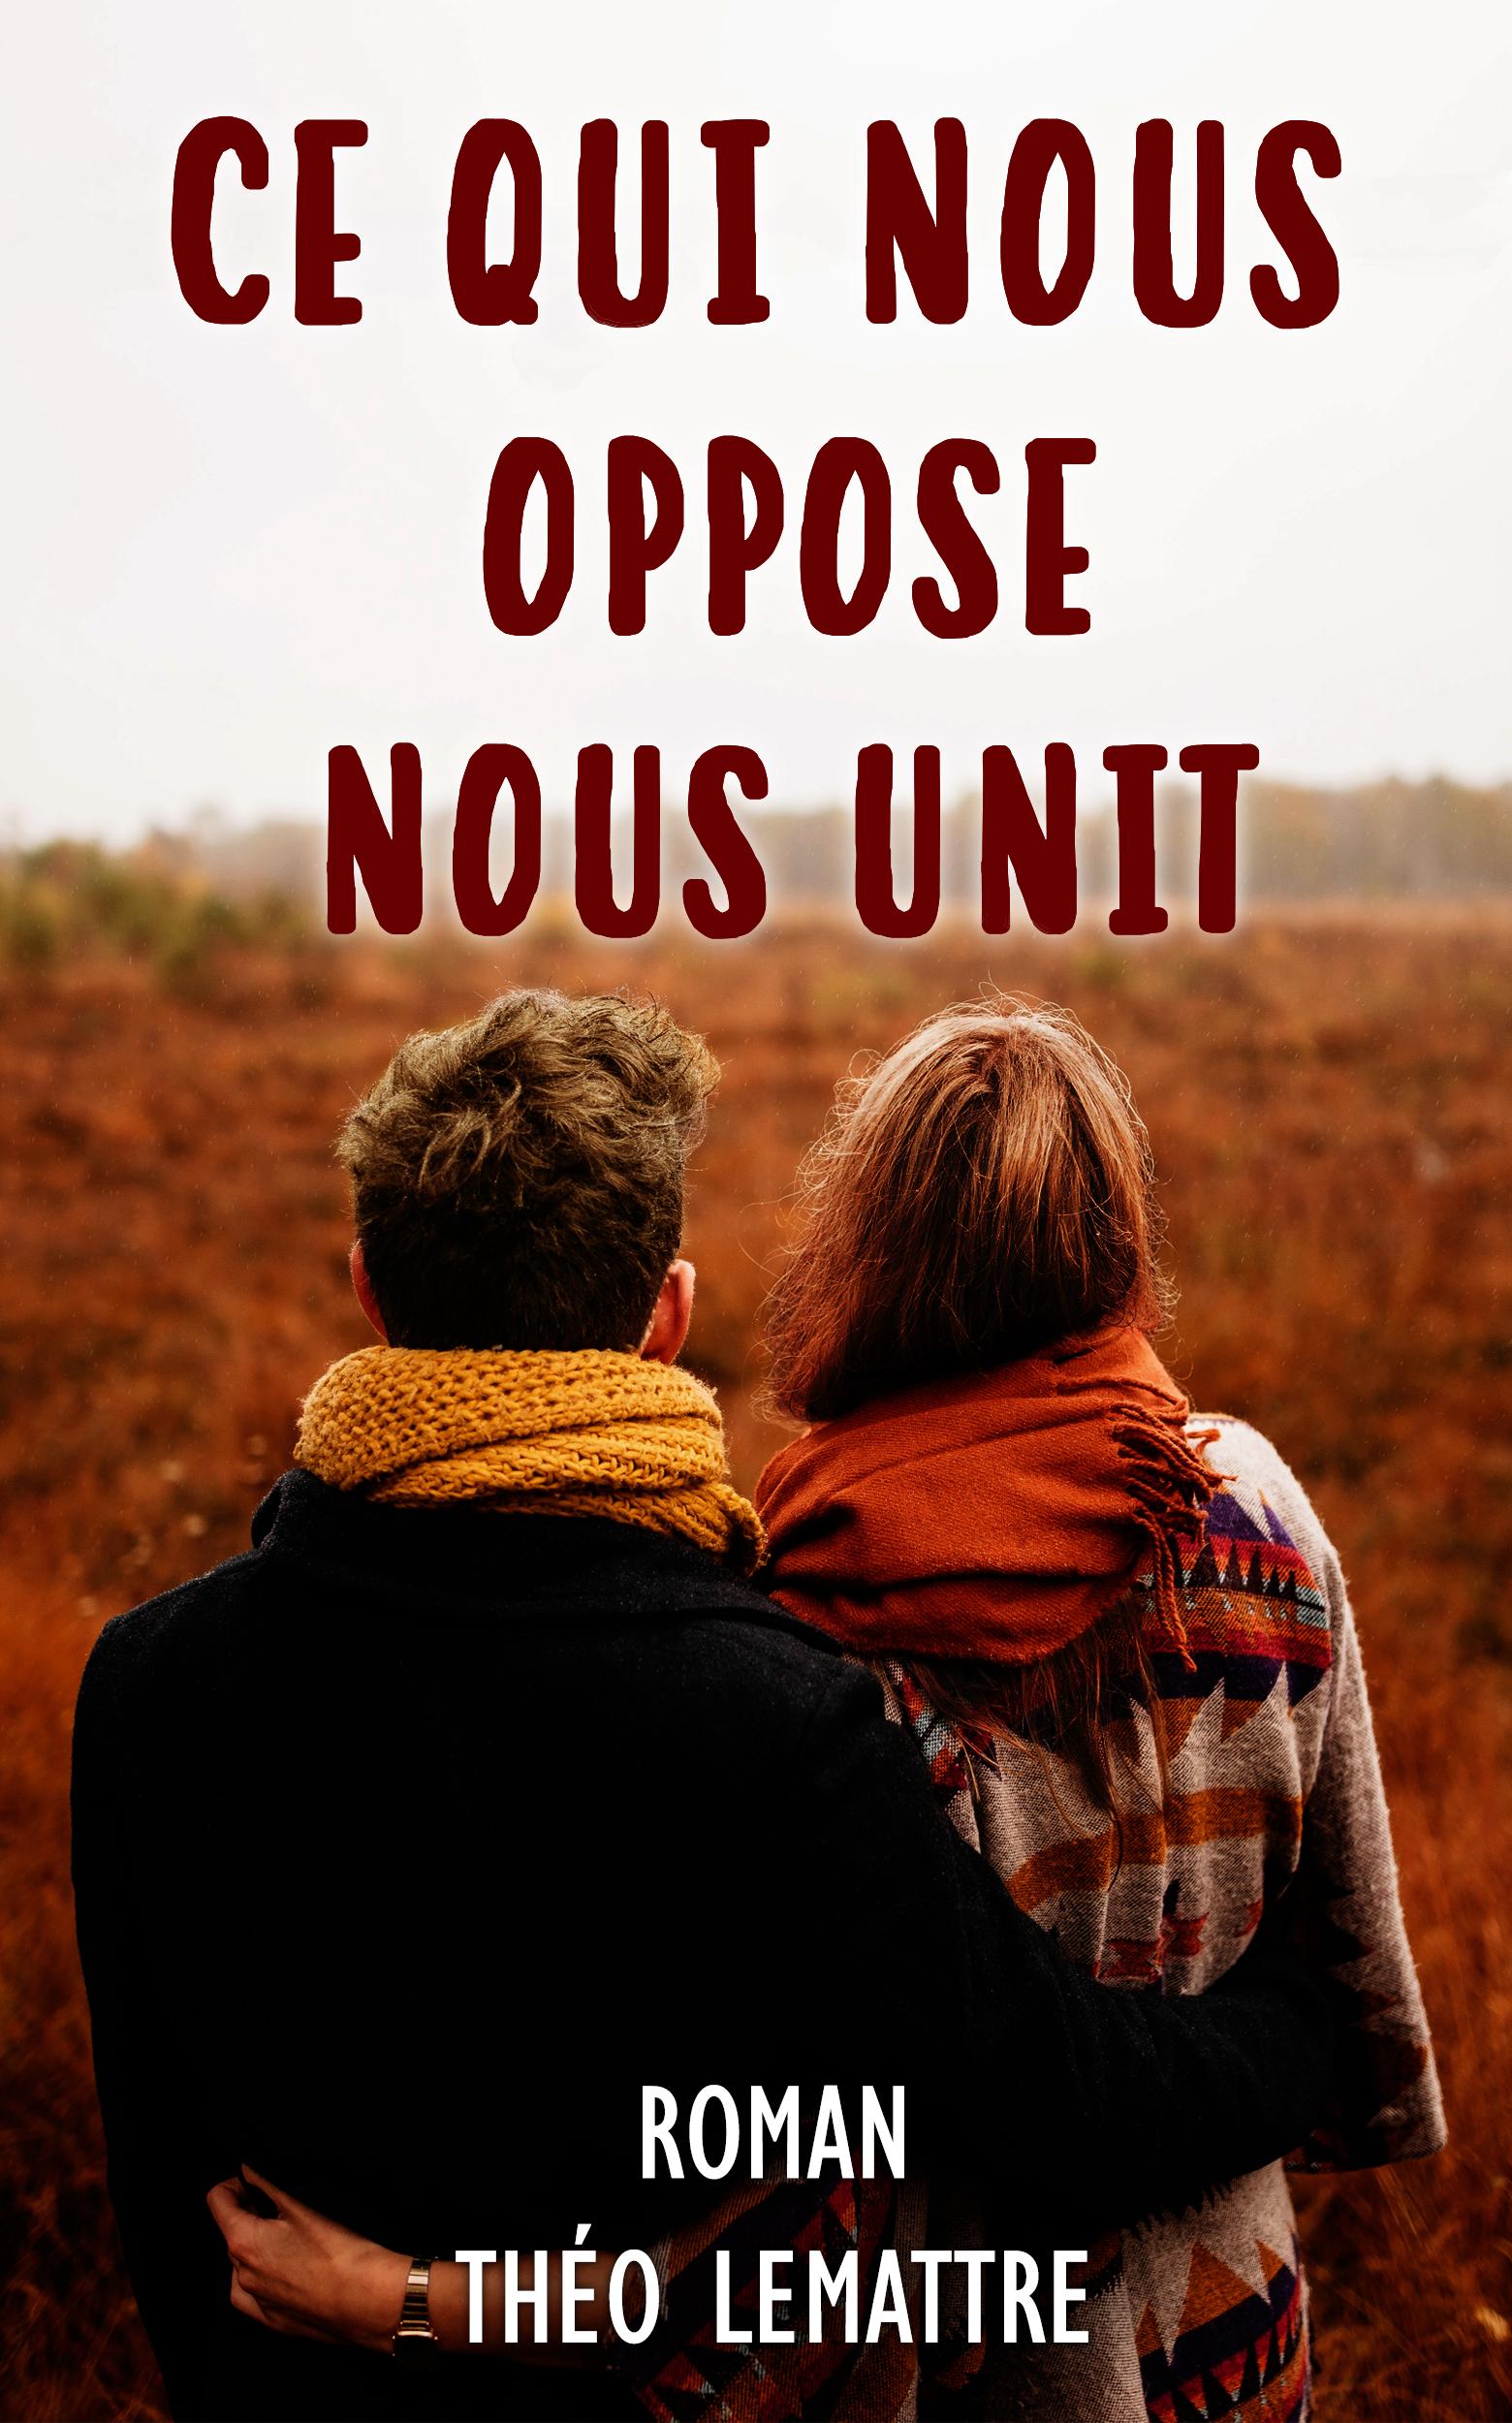 Ce qui nous oppose nous unit